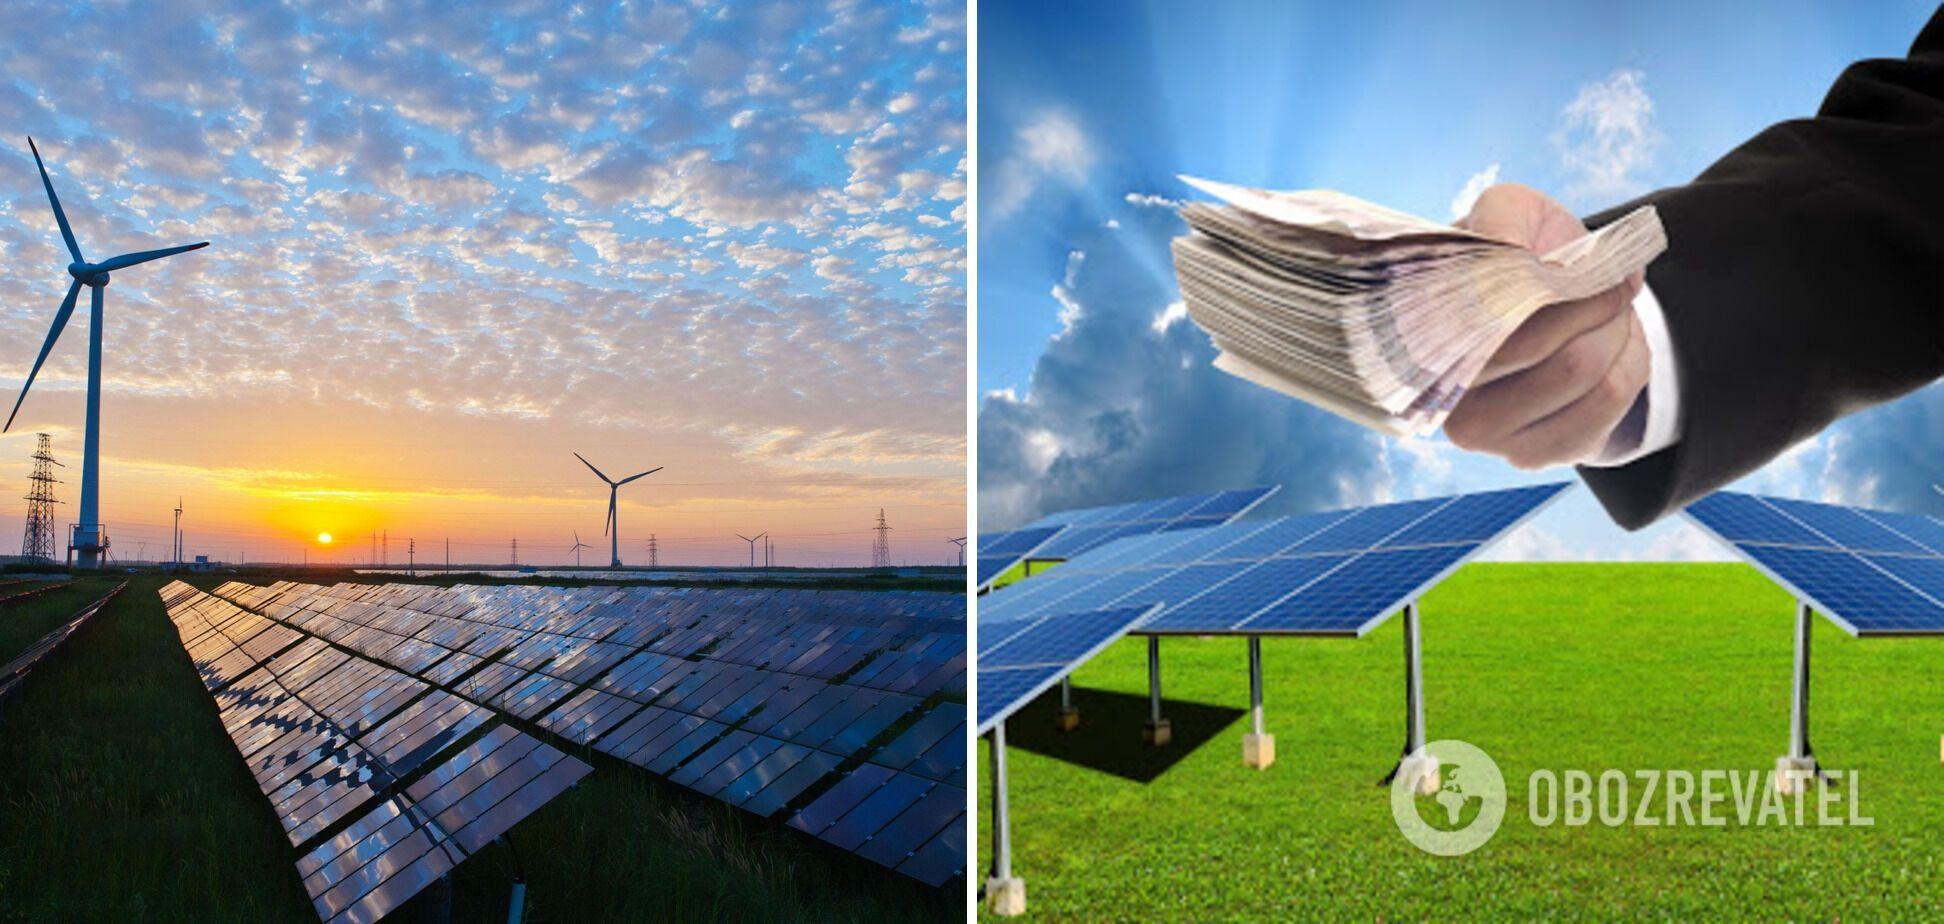 12 українських компаній купили 'зелену' енергію за ціною 1,53 грн за кВт-год